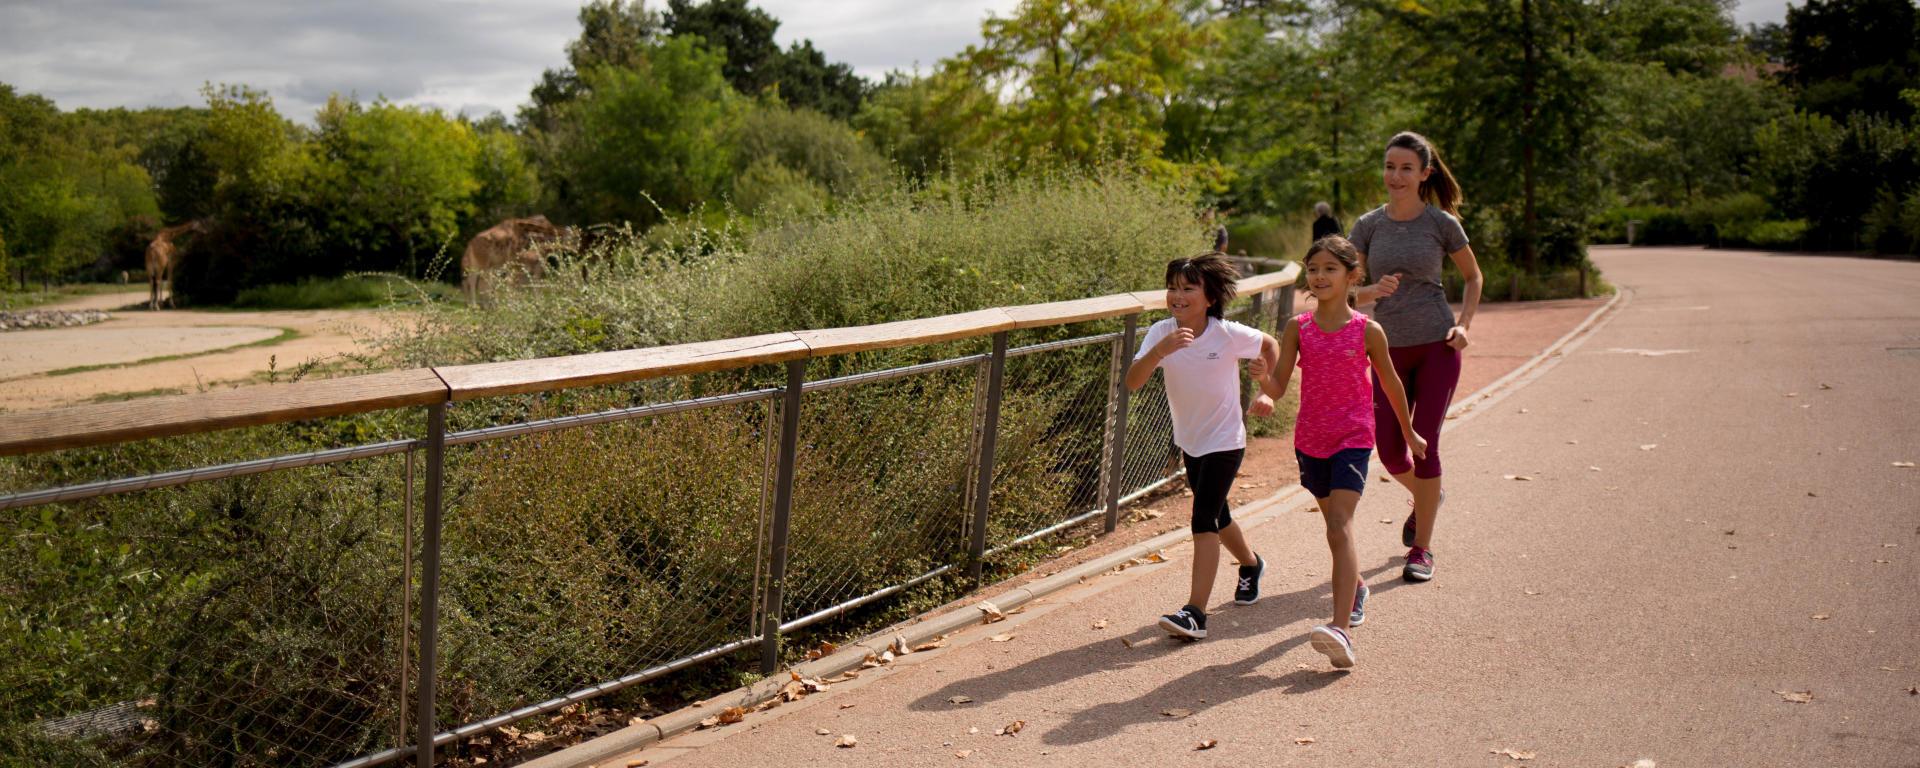 Marcher pendant les vacances : LA bonne idée ! | Newfeel